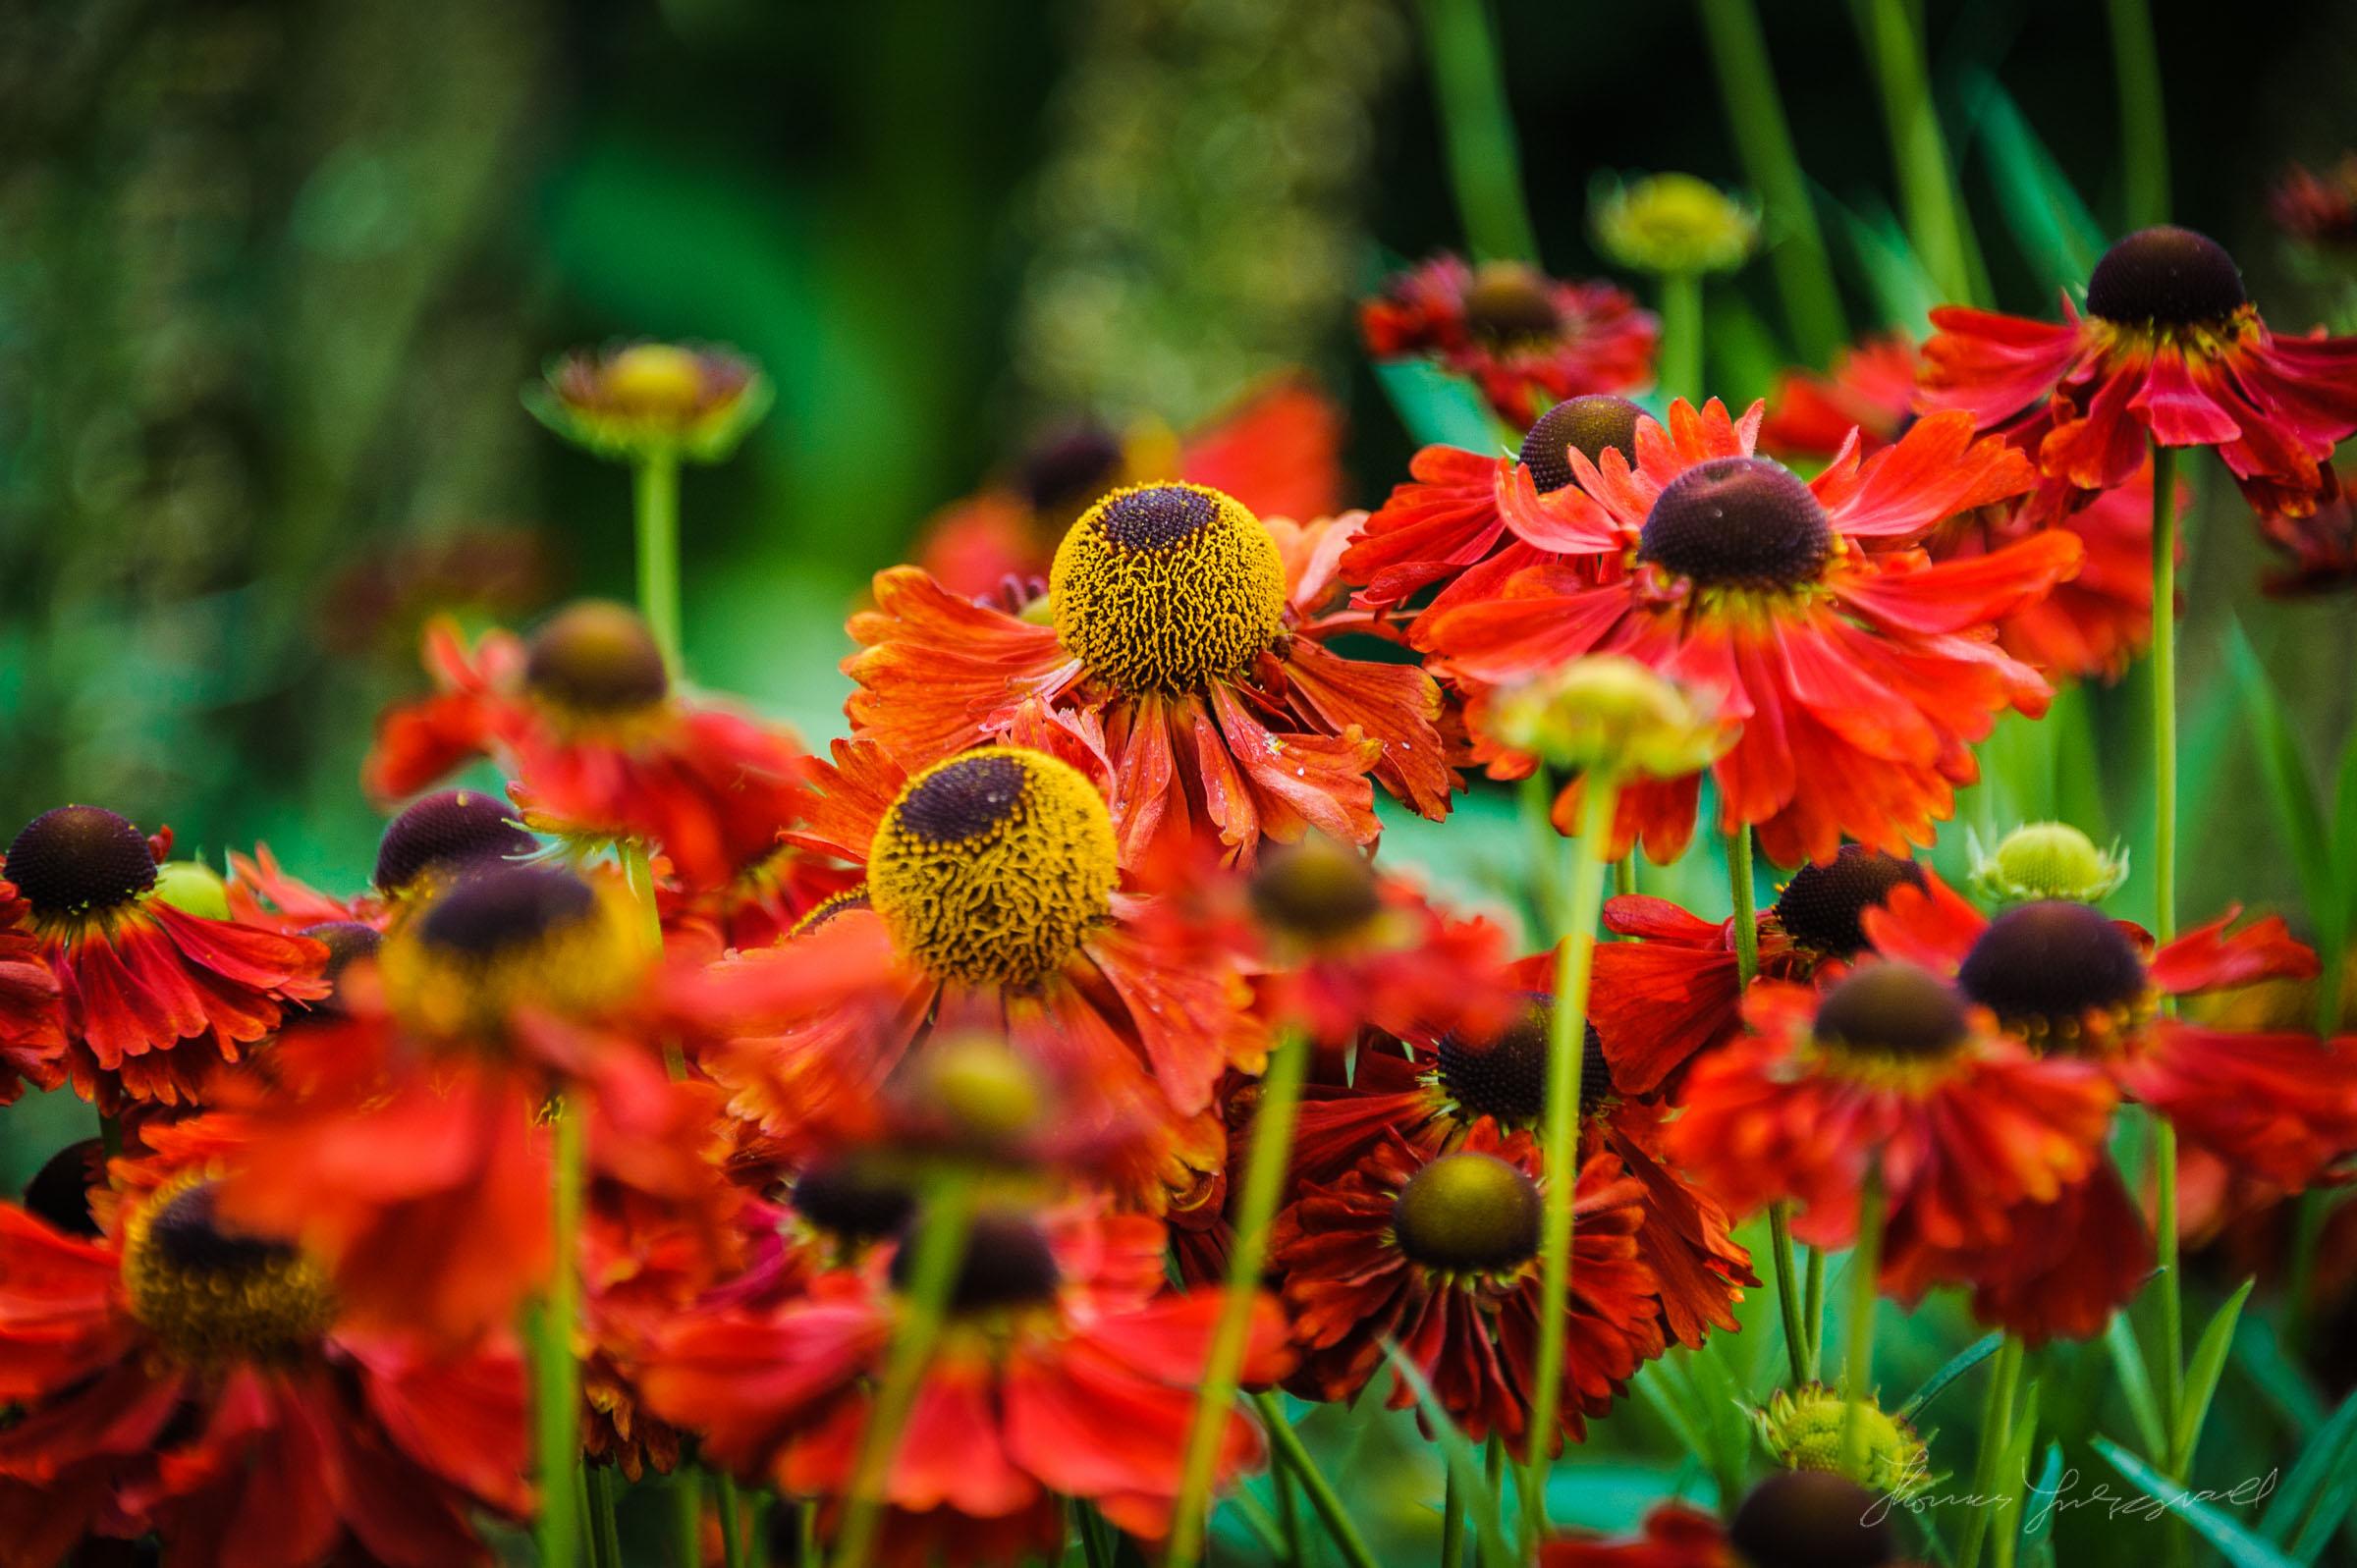 Red Flowers in Dublin's Stephen's Green